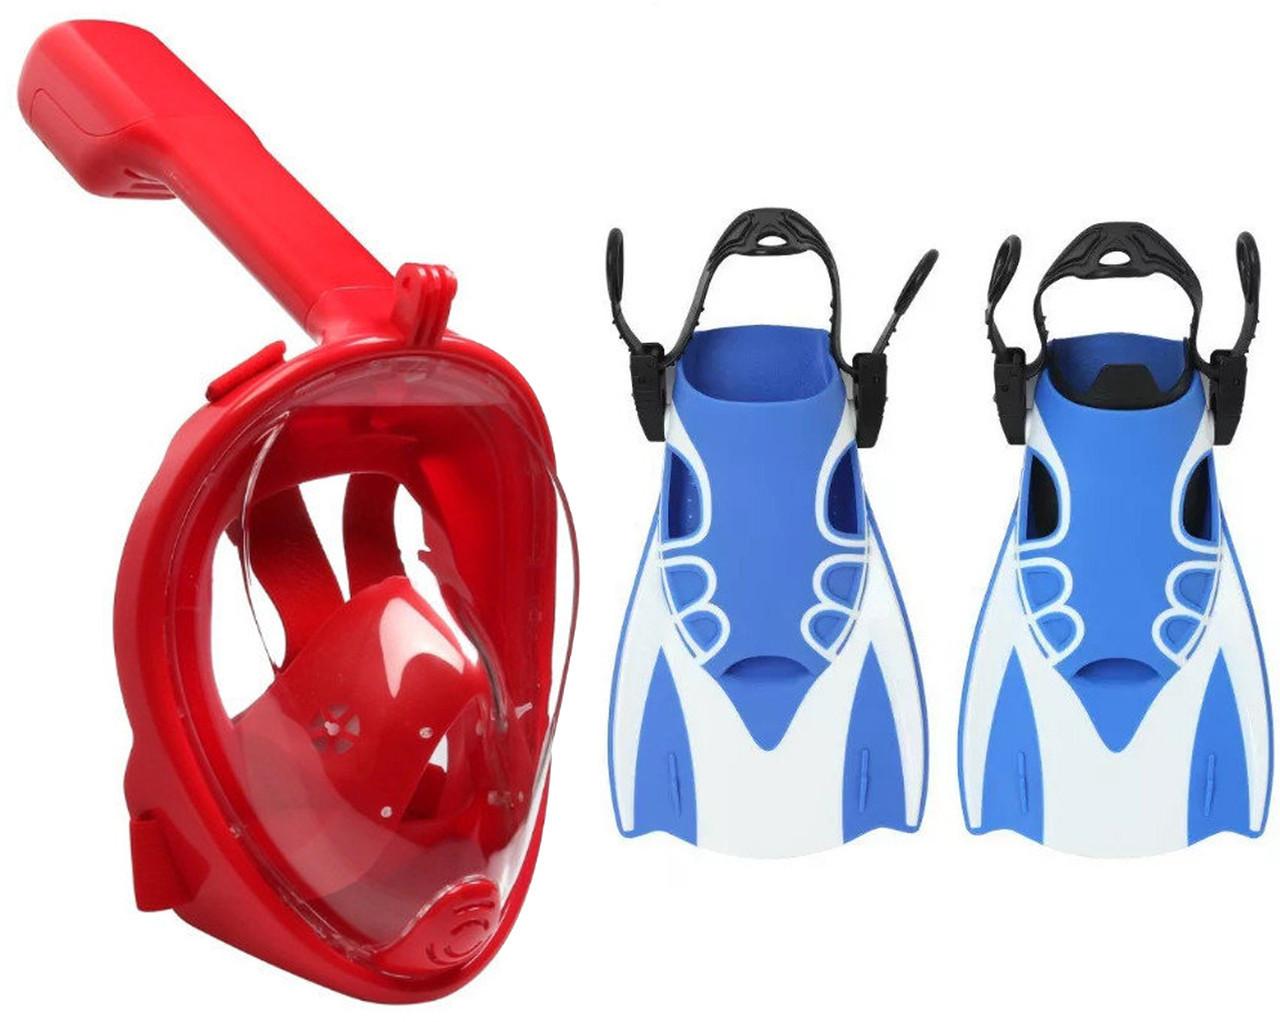 Набор для плавания 2 в 1 (маска FREE BREATH SJLH-02 + ласты) Красная маска (размер S/M) Ласты синие (размер L)